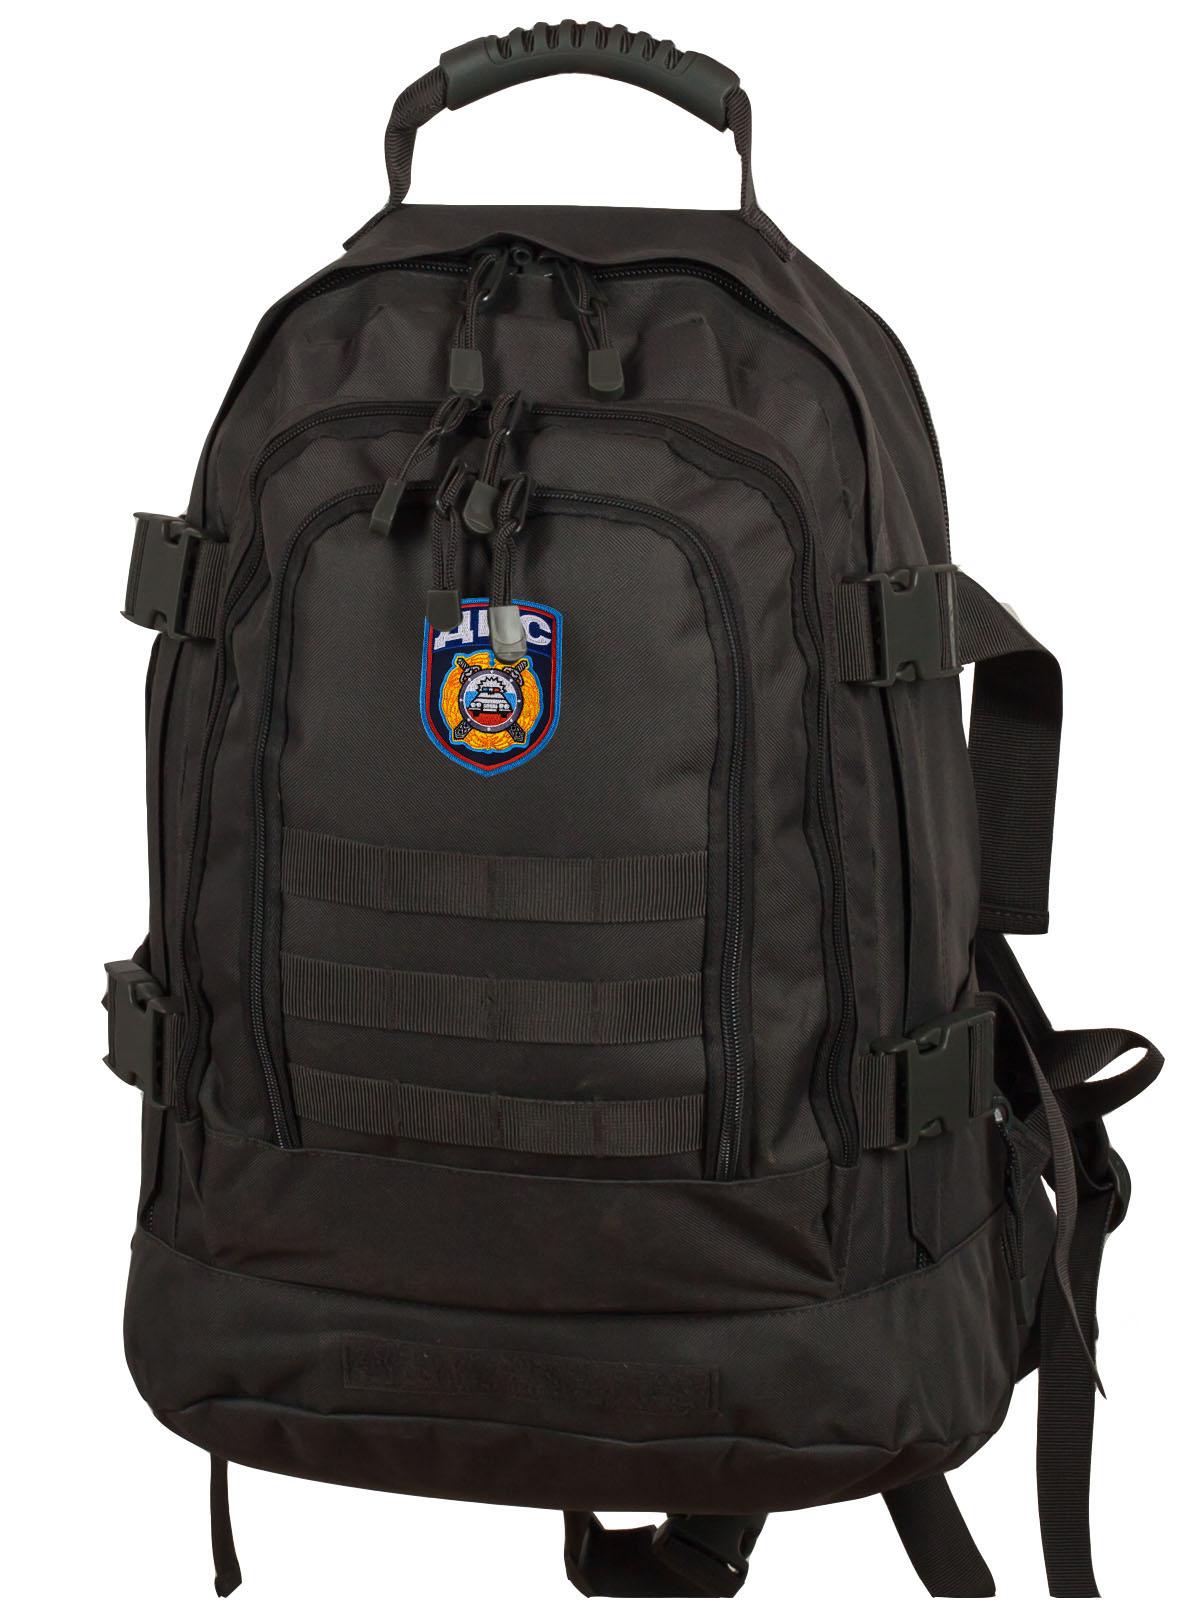 Военный универсальный рюкзак с нашивкой ДПС - заказать выгодно